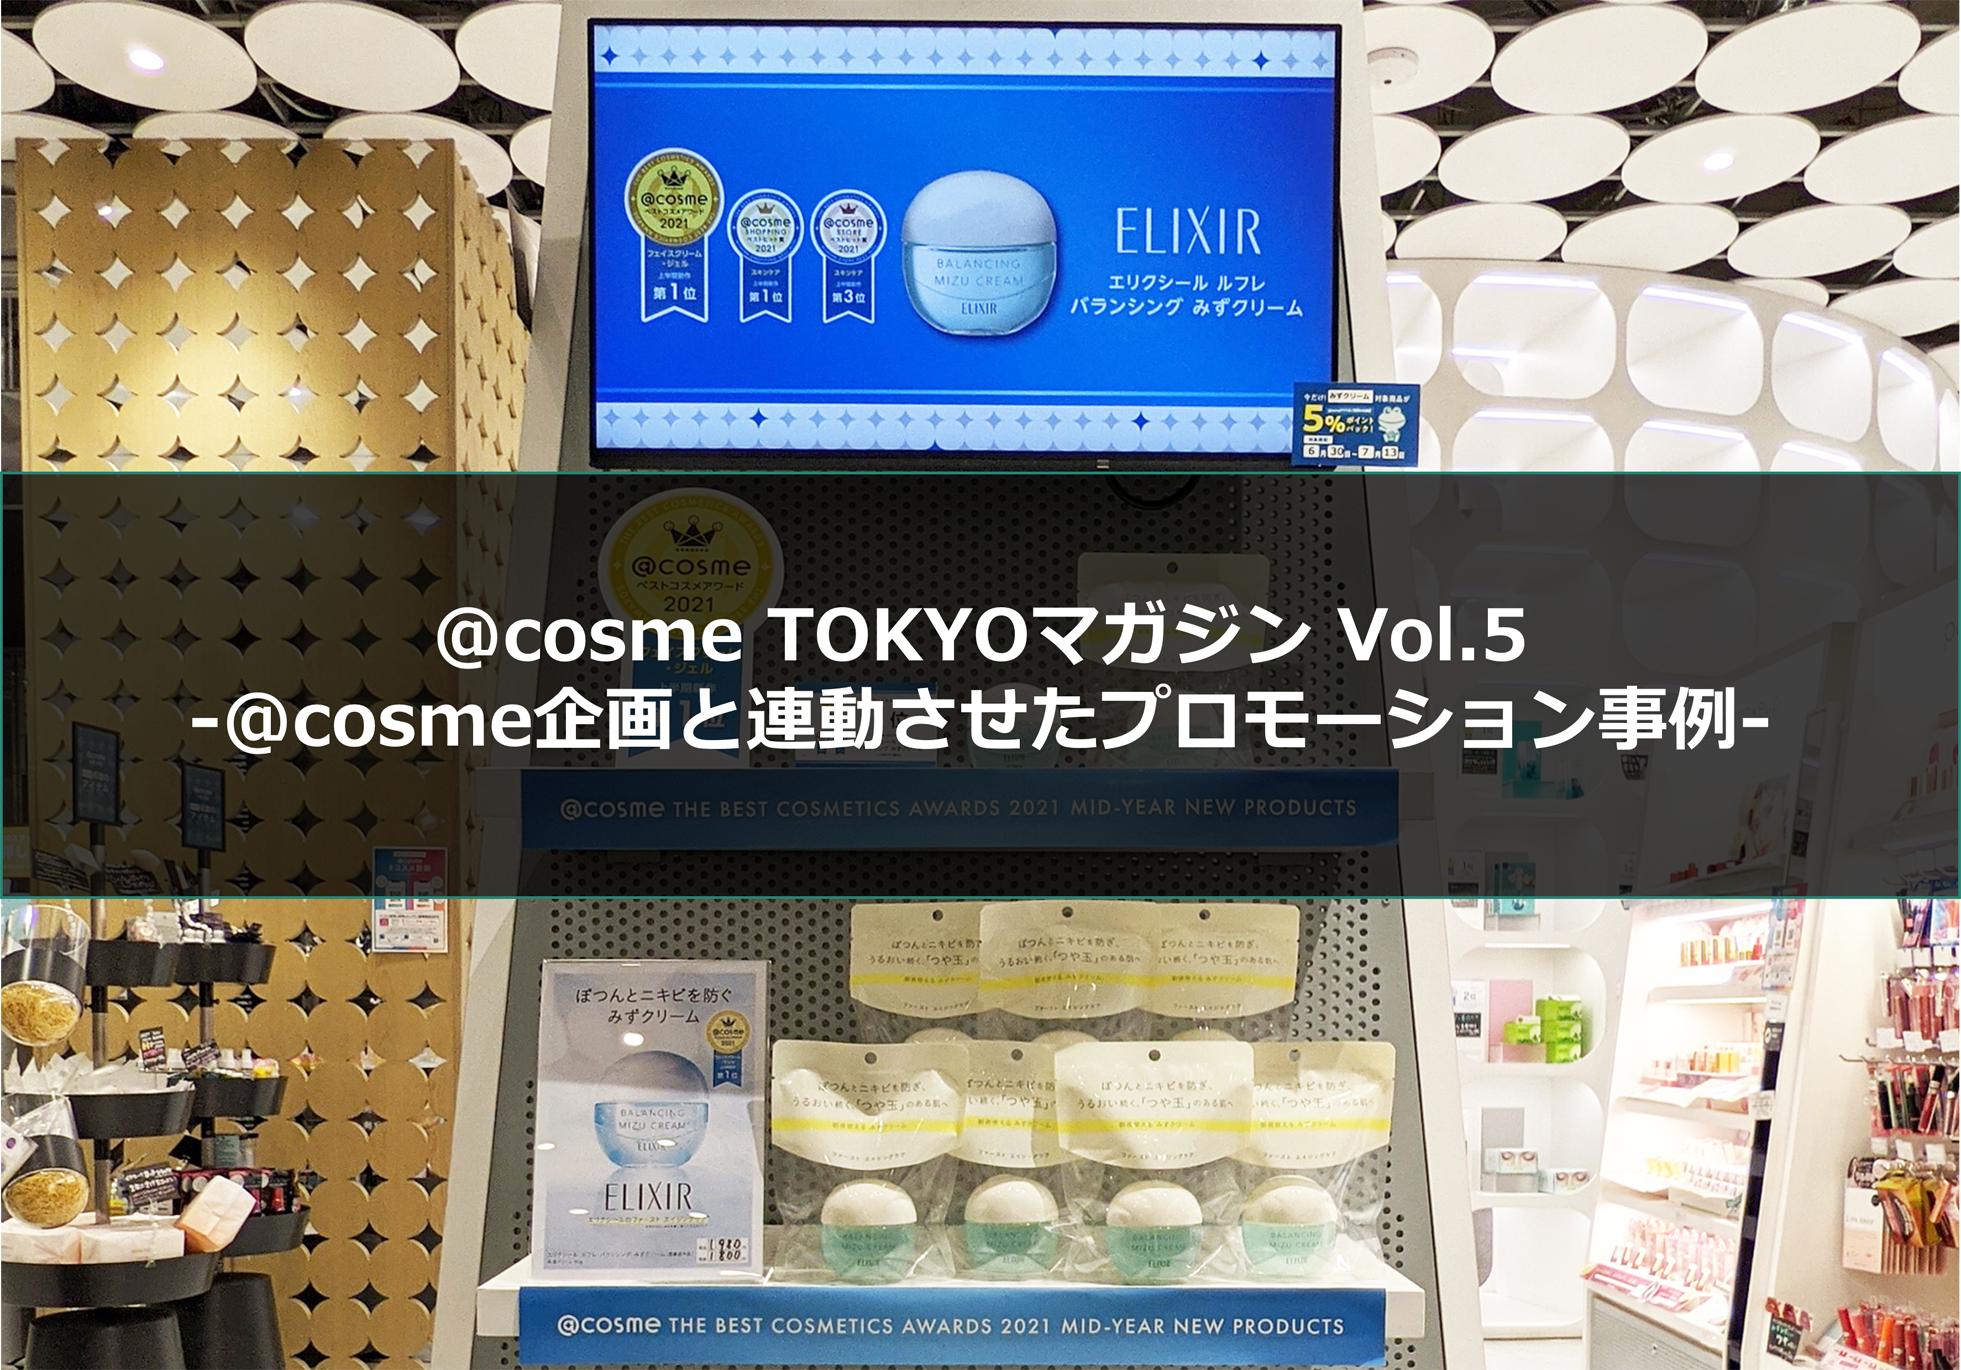 2021上半期新作ベストコスメ発表や@cosme TOKYO企画を上手く活用したプロモーション事例|連載:@cosme TOKYOマガジン Vol.5(8月13日号) サムネイル画像